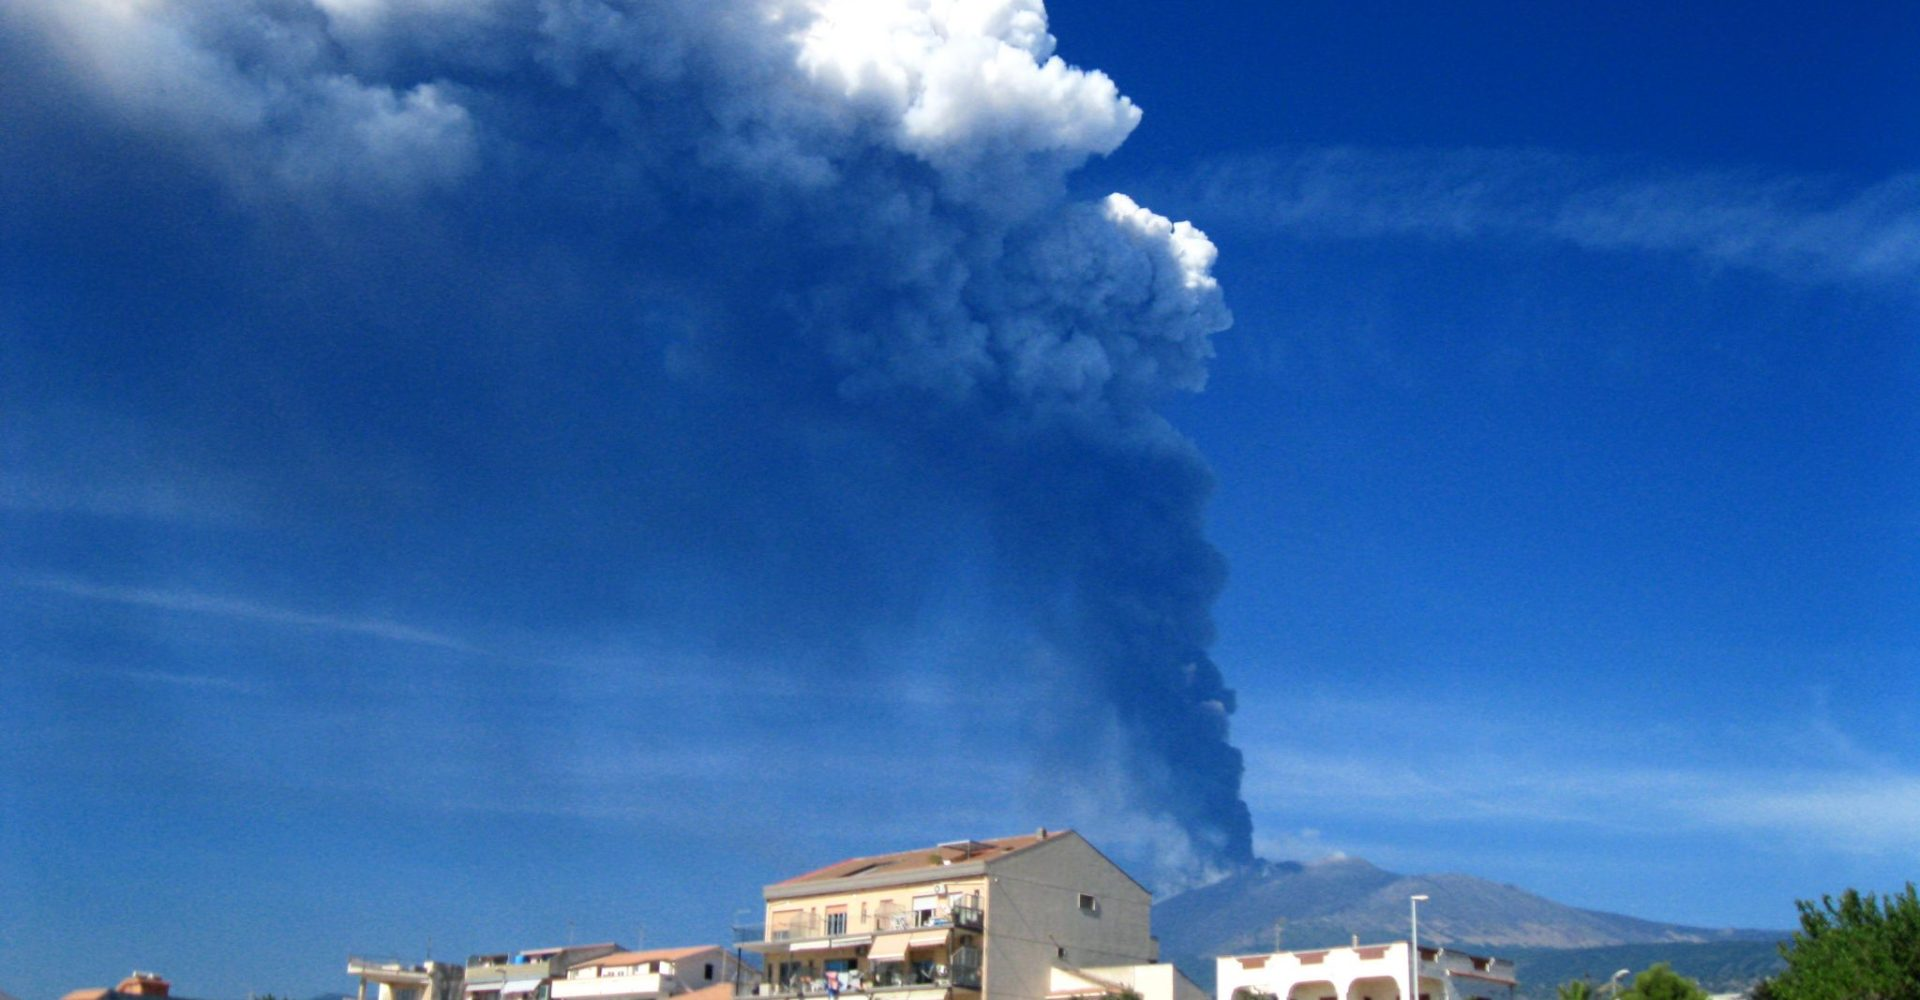 Is Mount Etna safe?